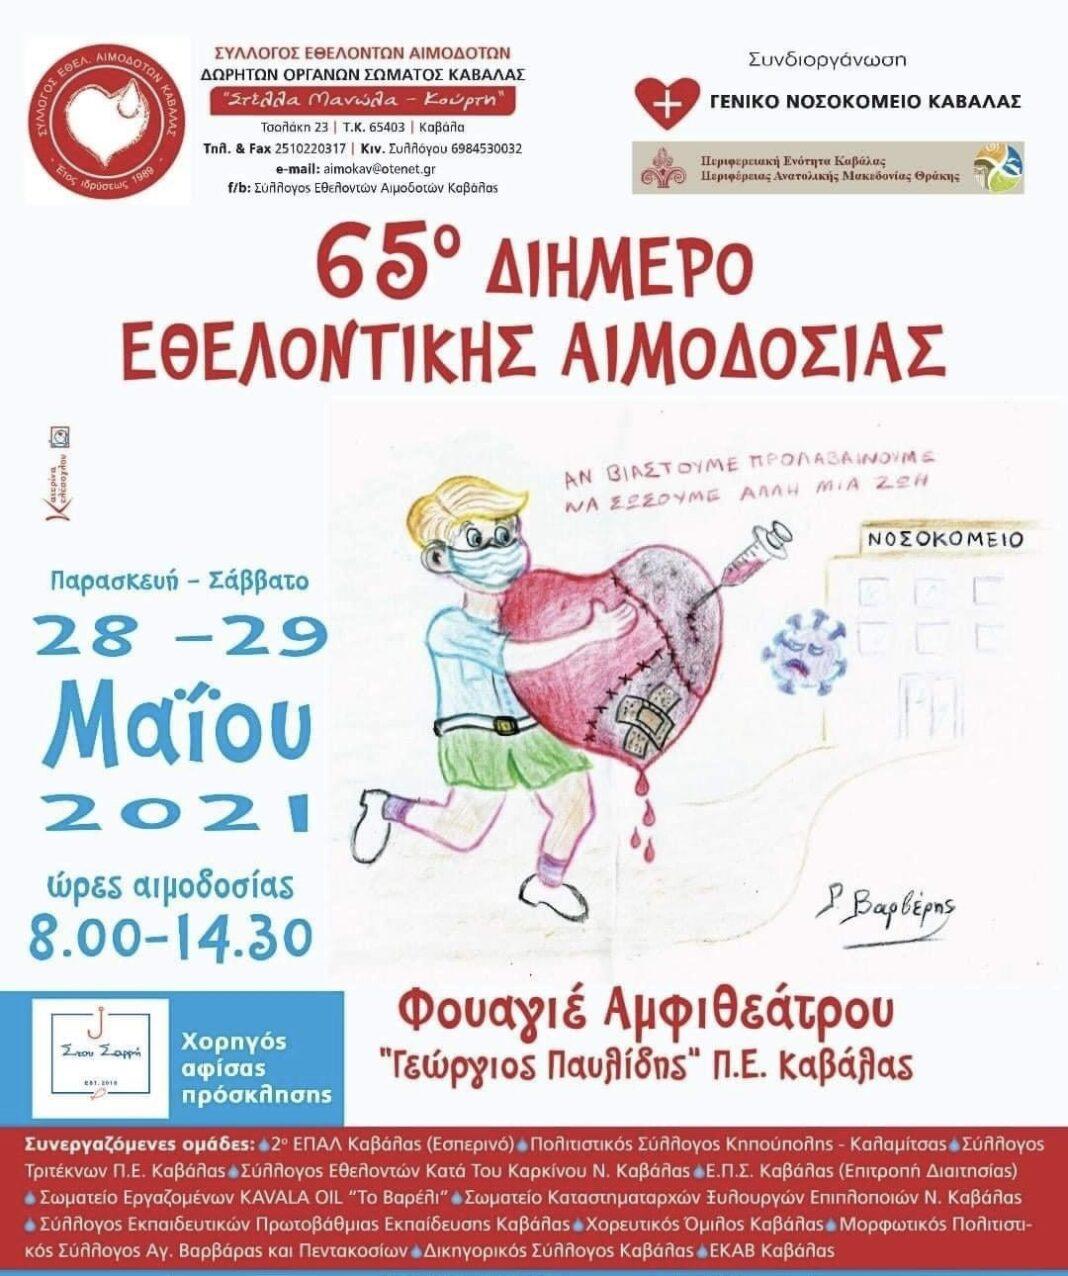 65ο-διήμερο-εθελοντικής-αιμοδοσίας-Παρασκευή-και-Σάββατο-στη-Καβάλα